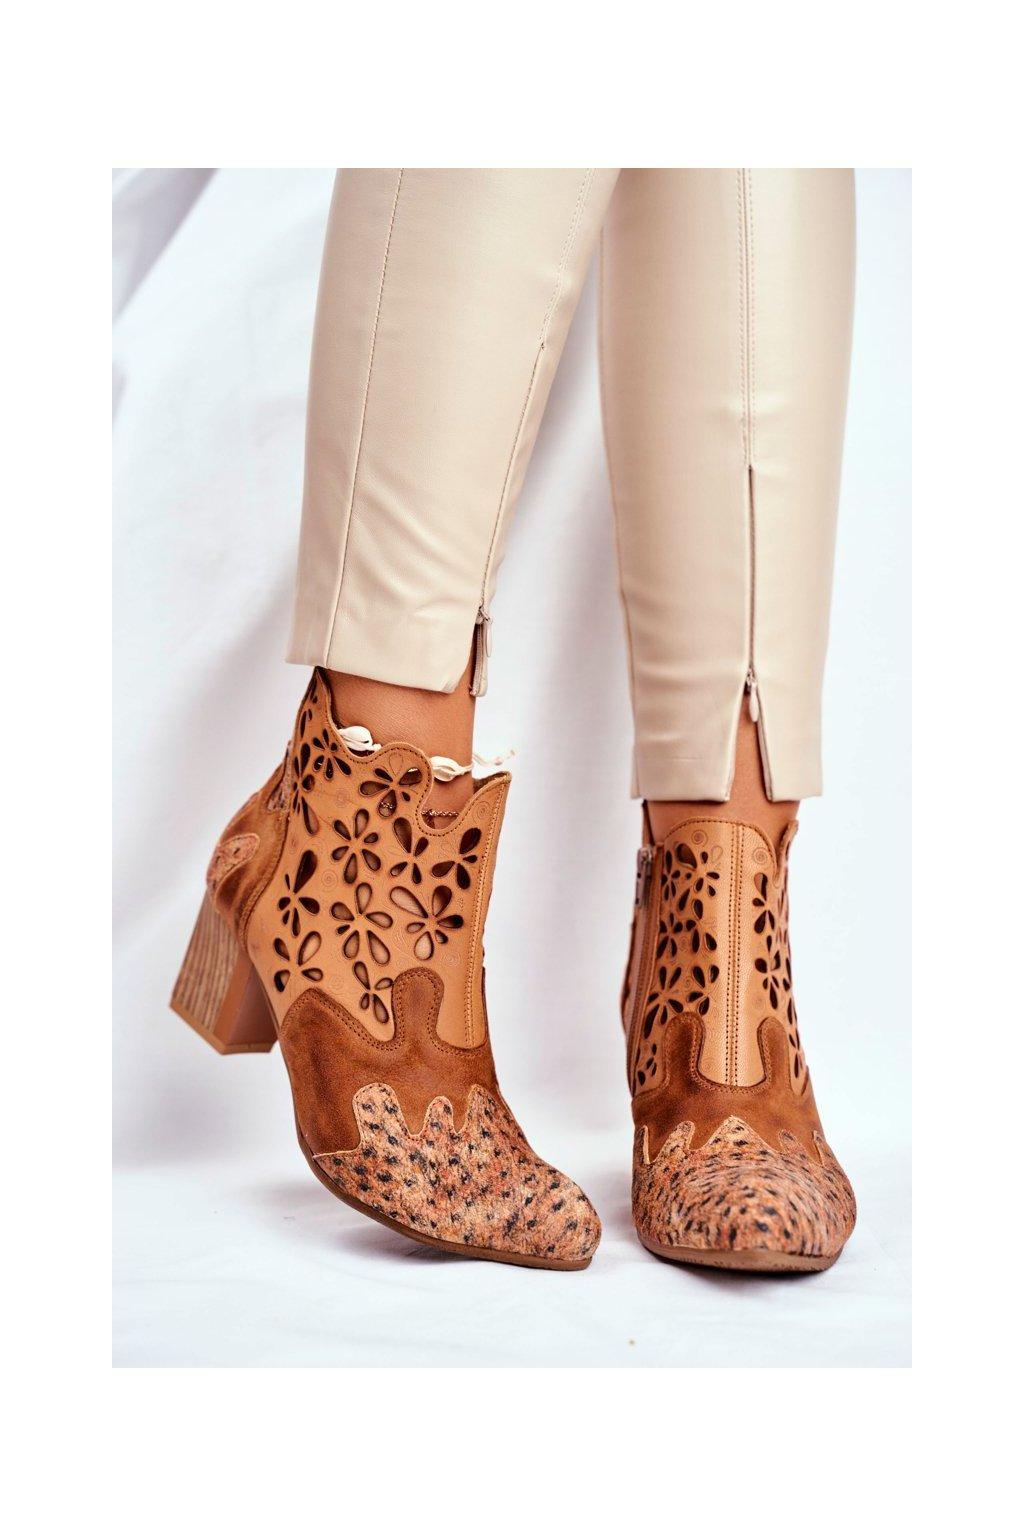 Dámske členkové topánky na podpätku jarné Majka ťavia 04369-29